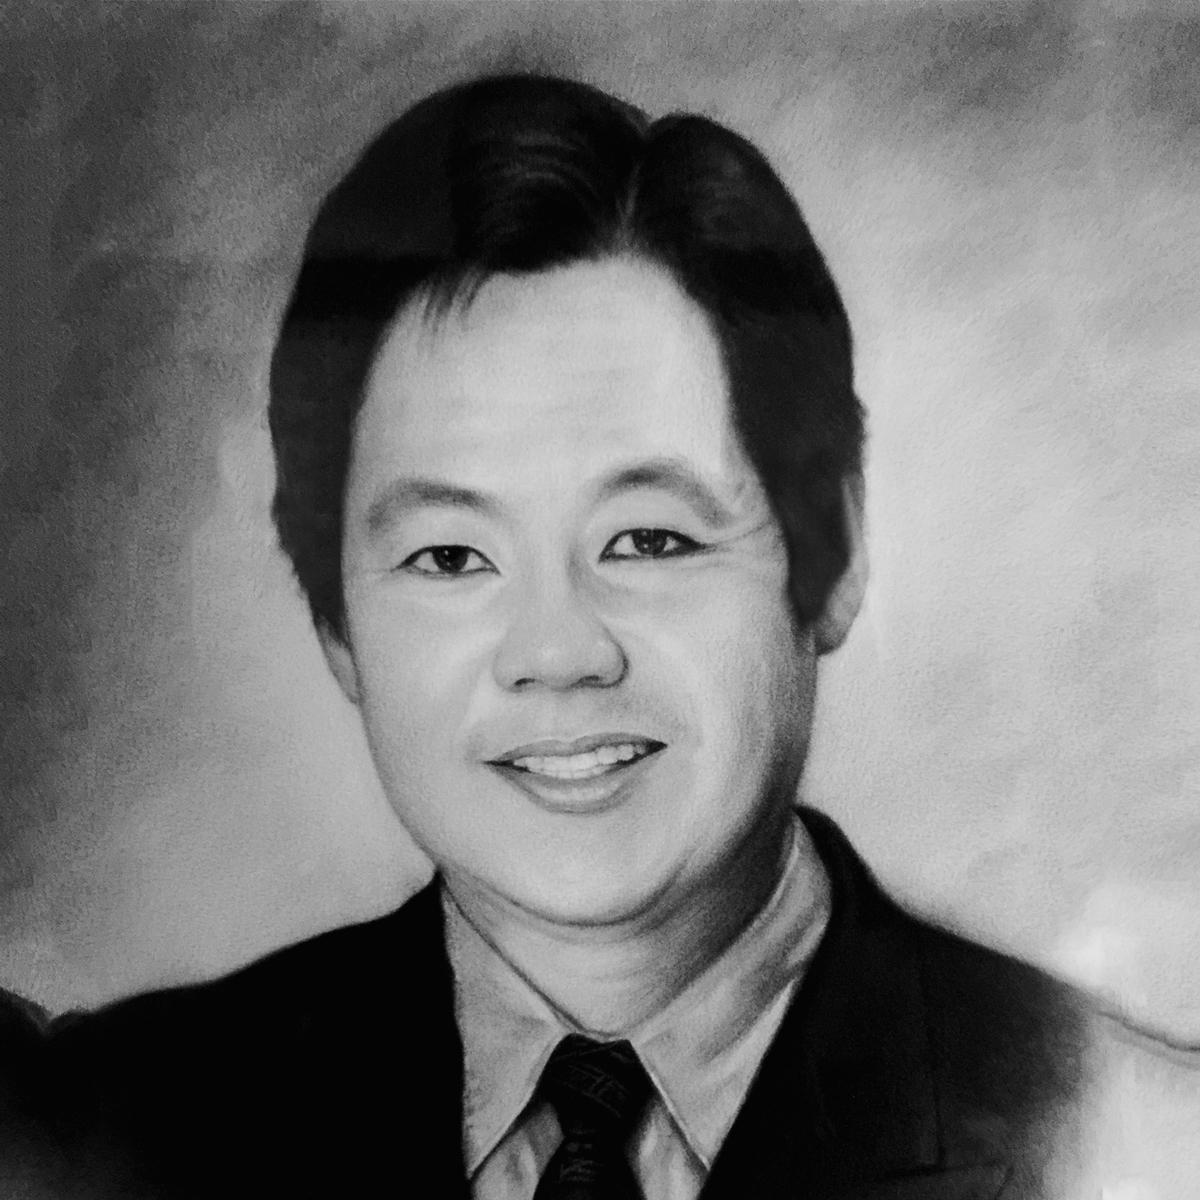 Robert L. Go